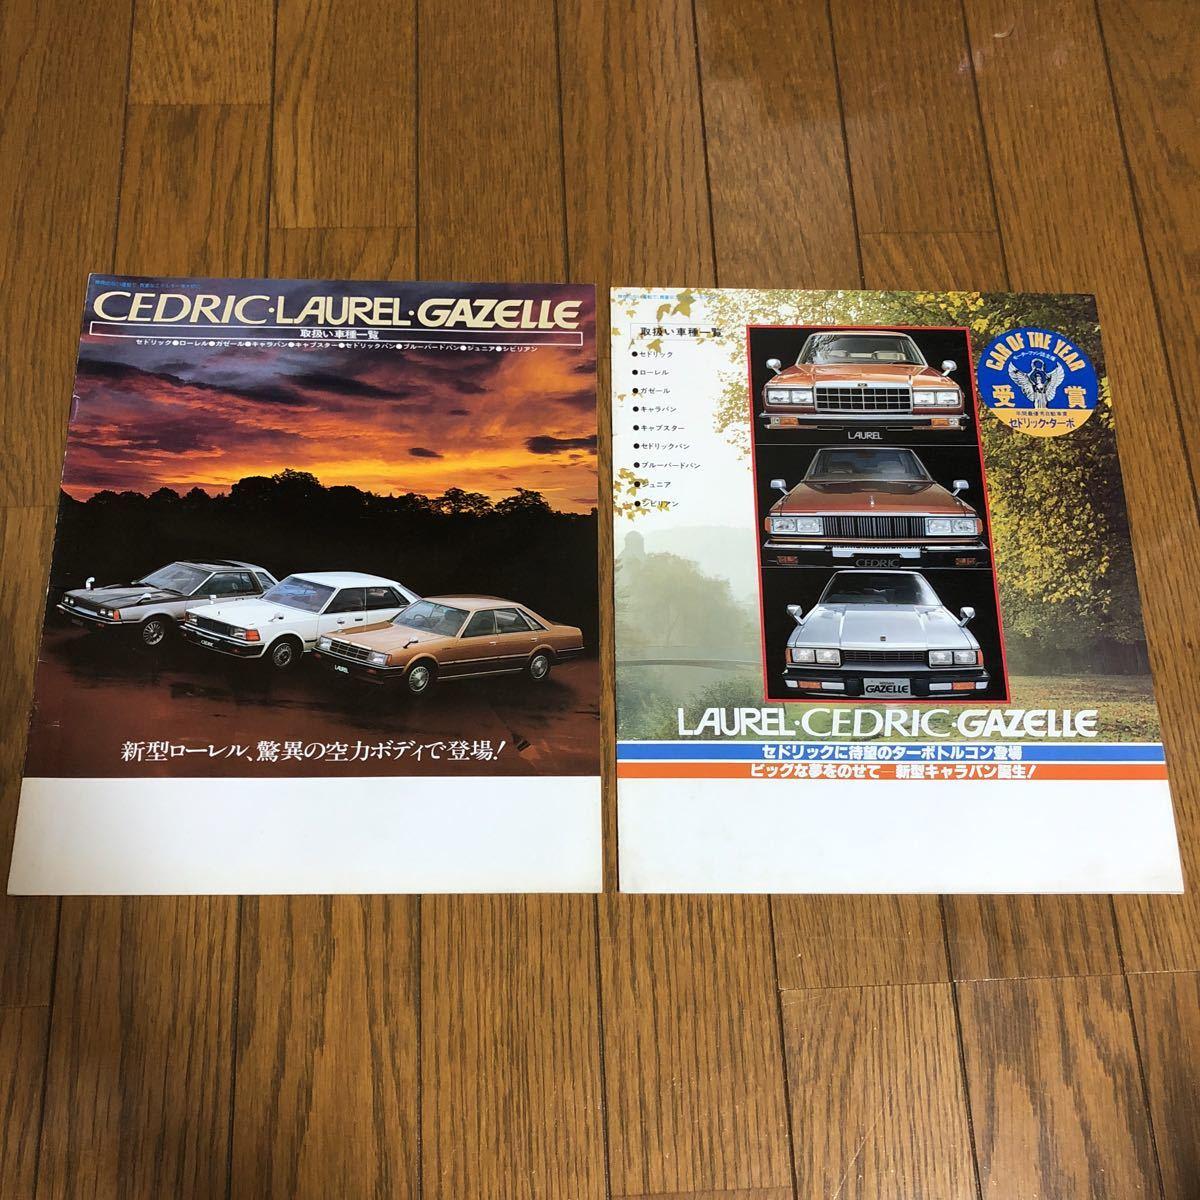 カタログ 旧車 日産 セドリック、ローレル、ガゼール 表紙表裏合わせて両方20ページ 2冊